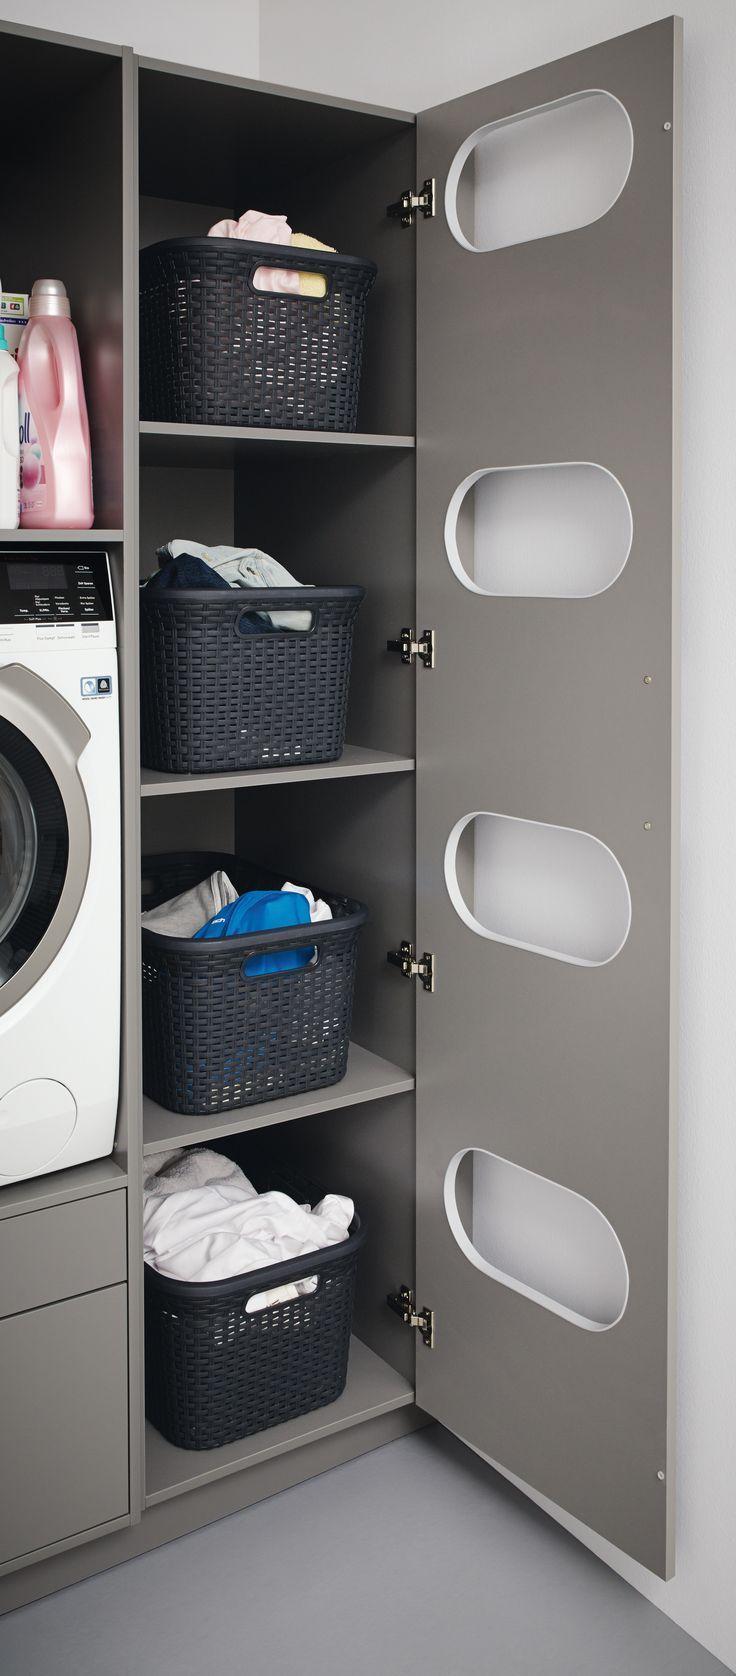 Wäschekorb, #Speisekammerorganisieren #Wäschekorb